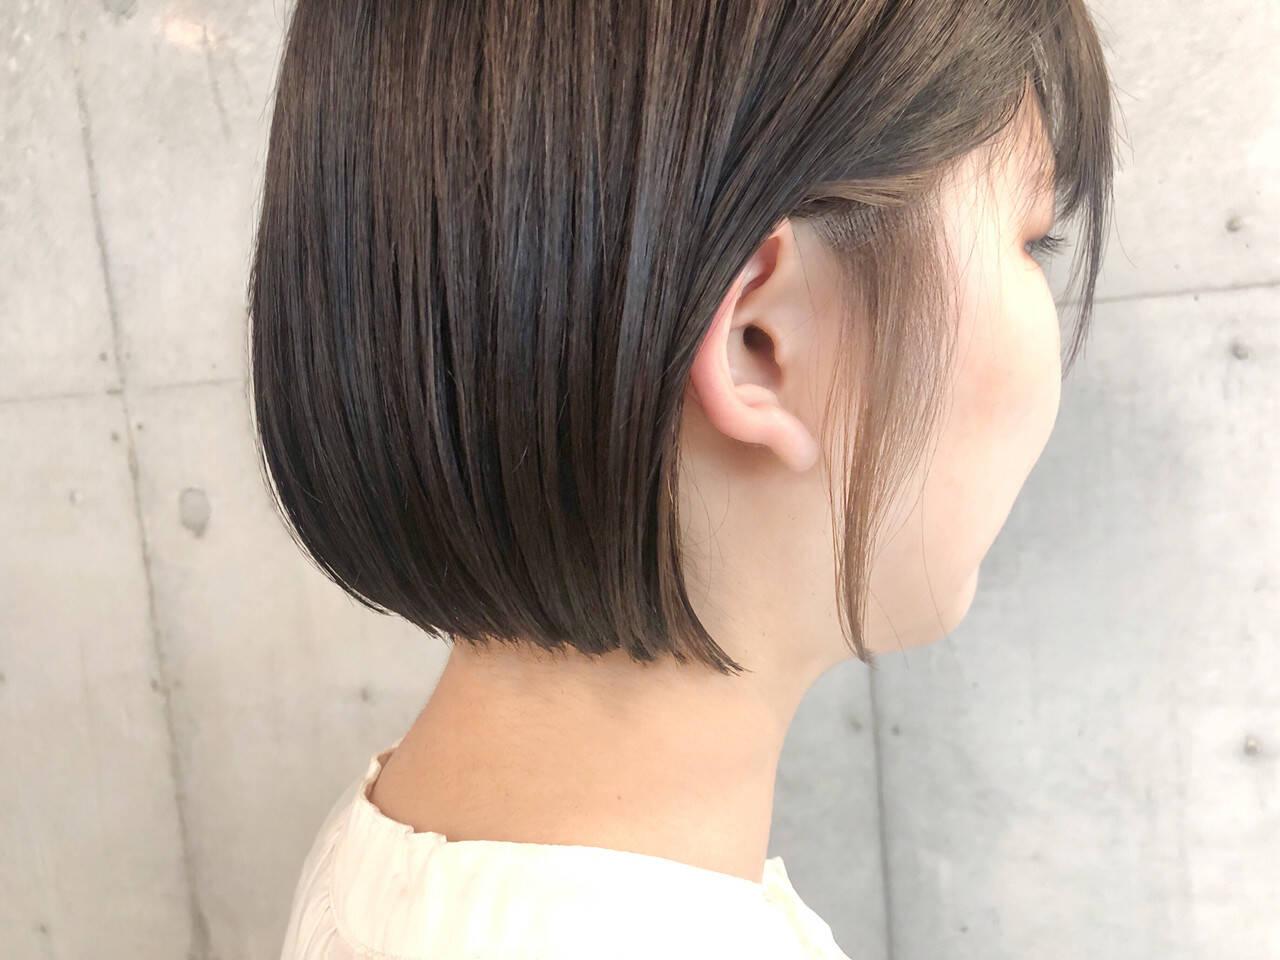 ナチュラル インナーカラー ボブ ヘアカラーヘアスタイルや髪型の写真・画像